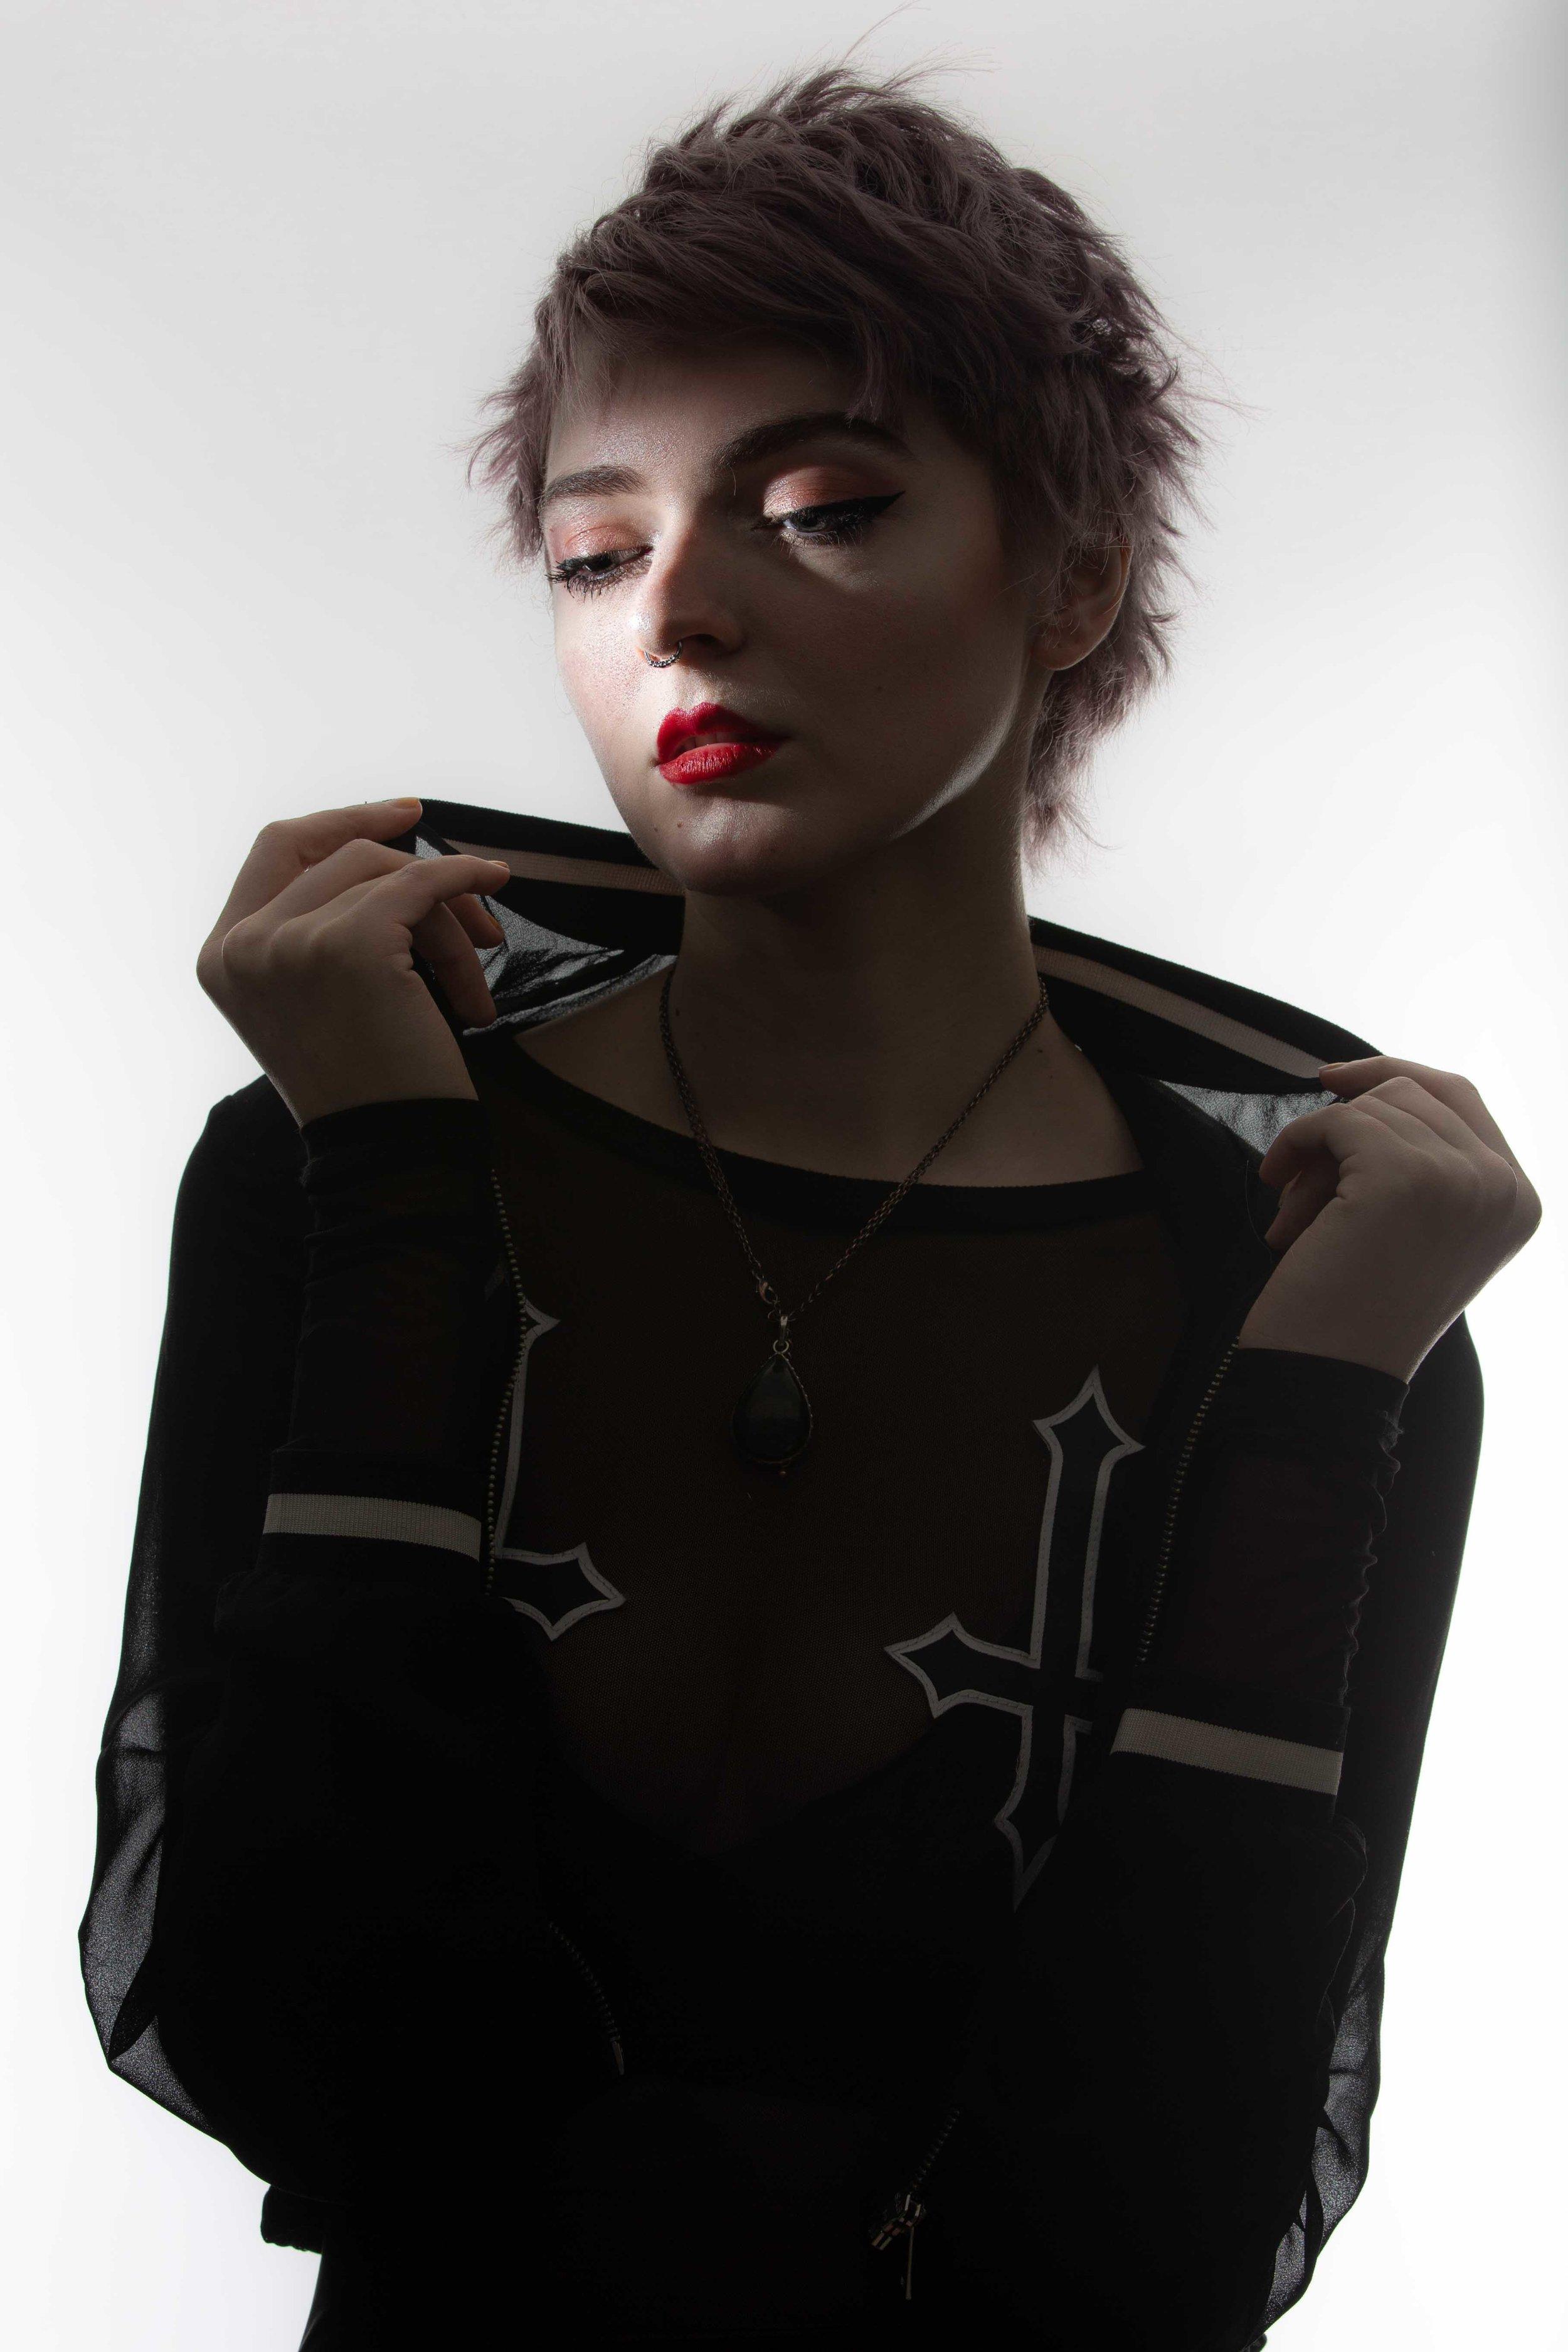 Model shoot in studio